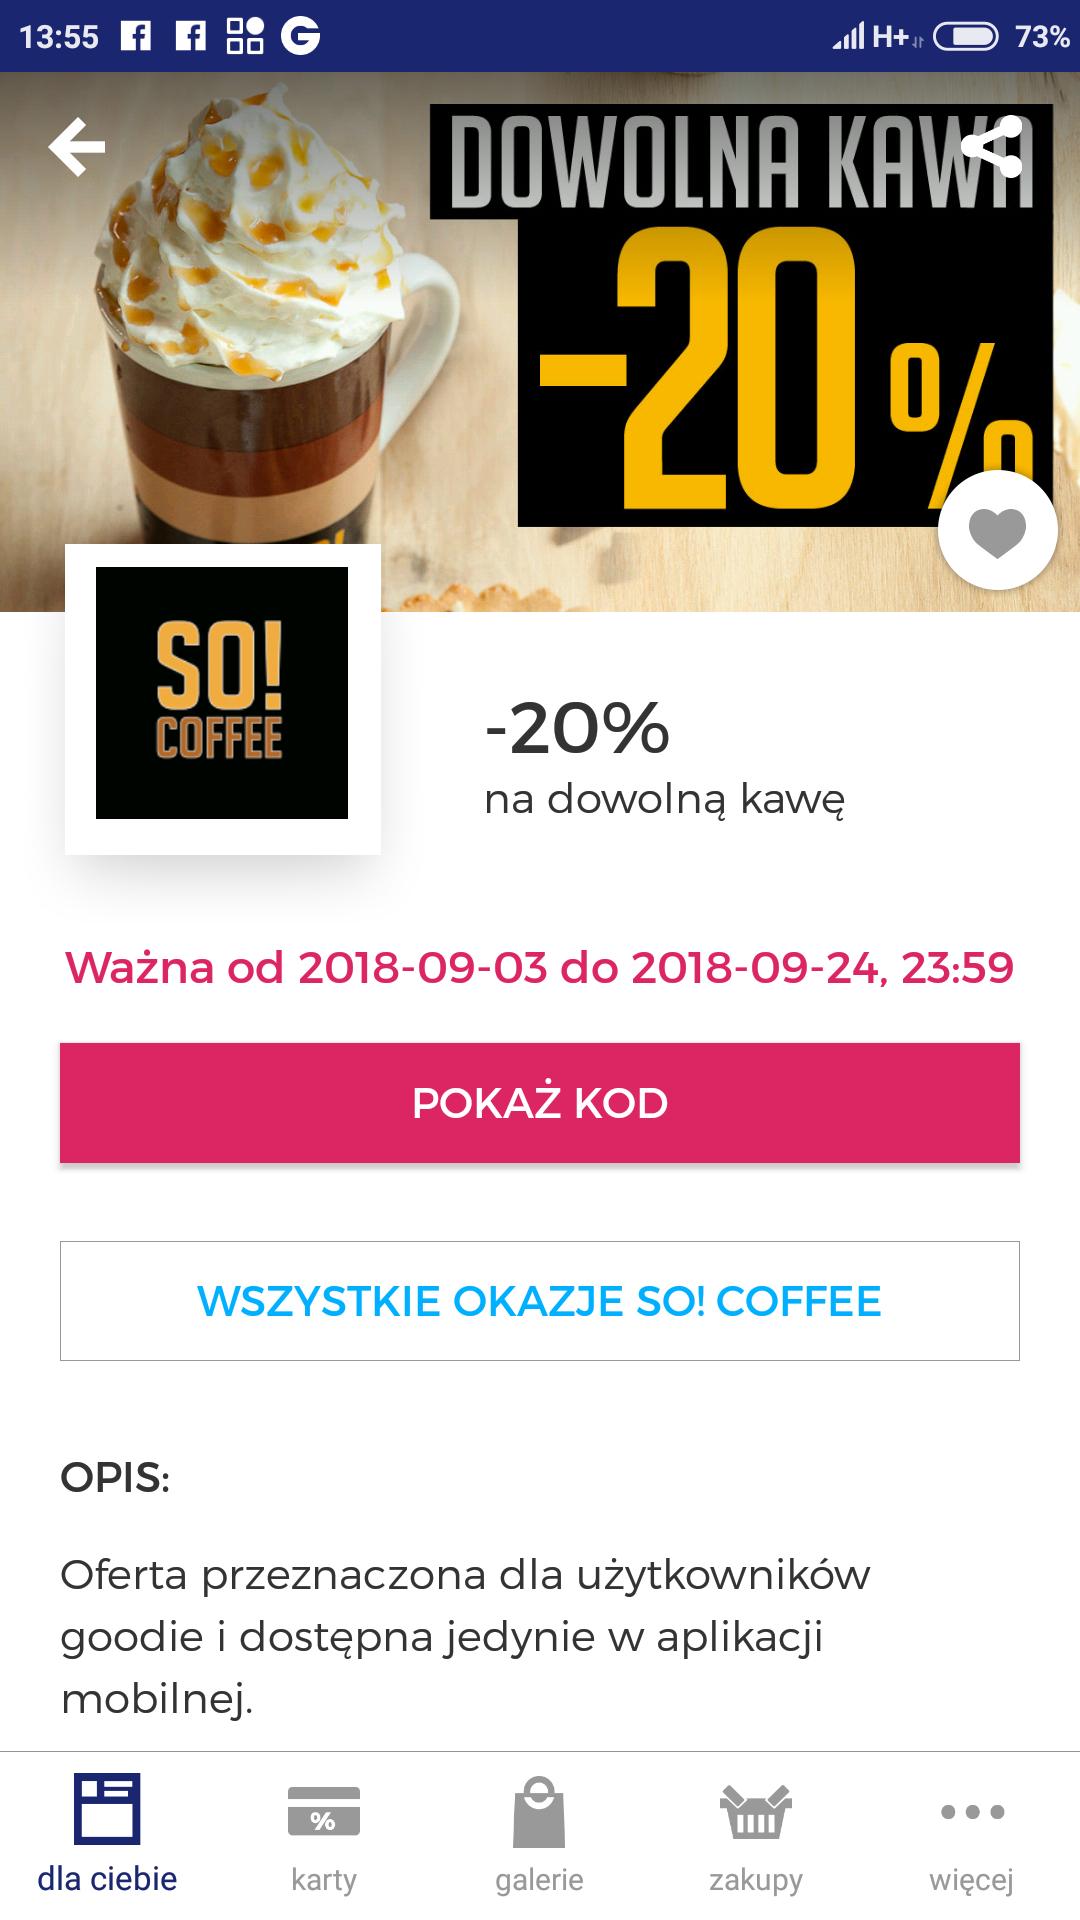 Goodie -20% dla maniaków kawy w SO! COFFE